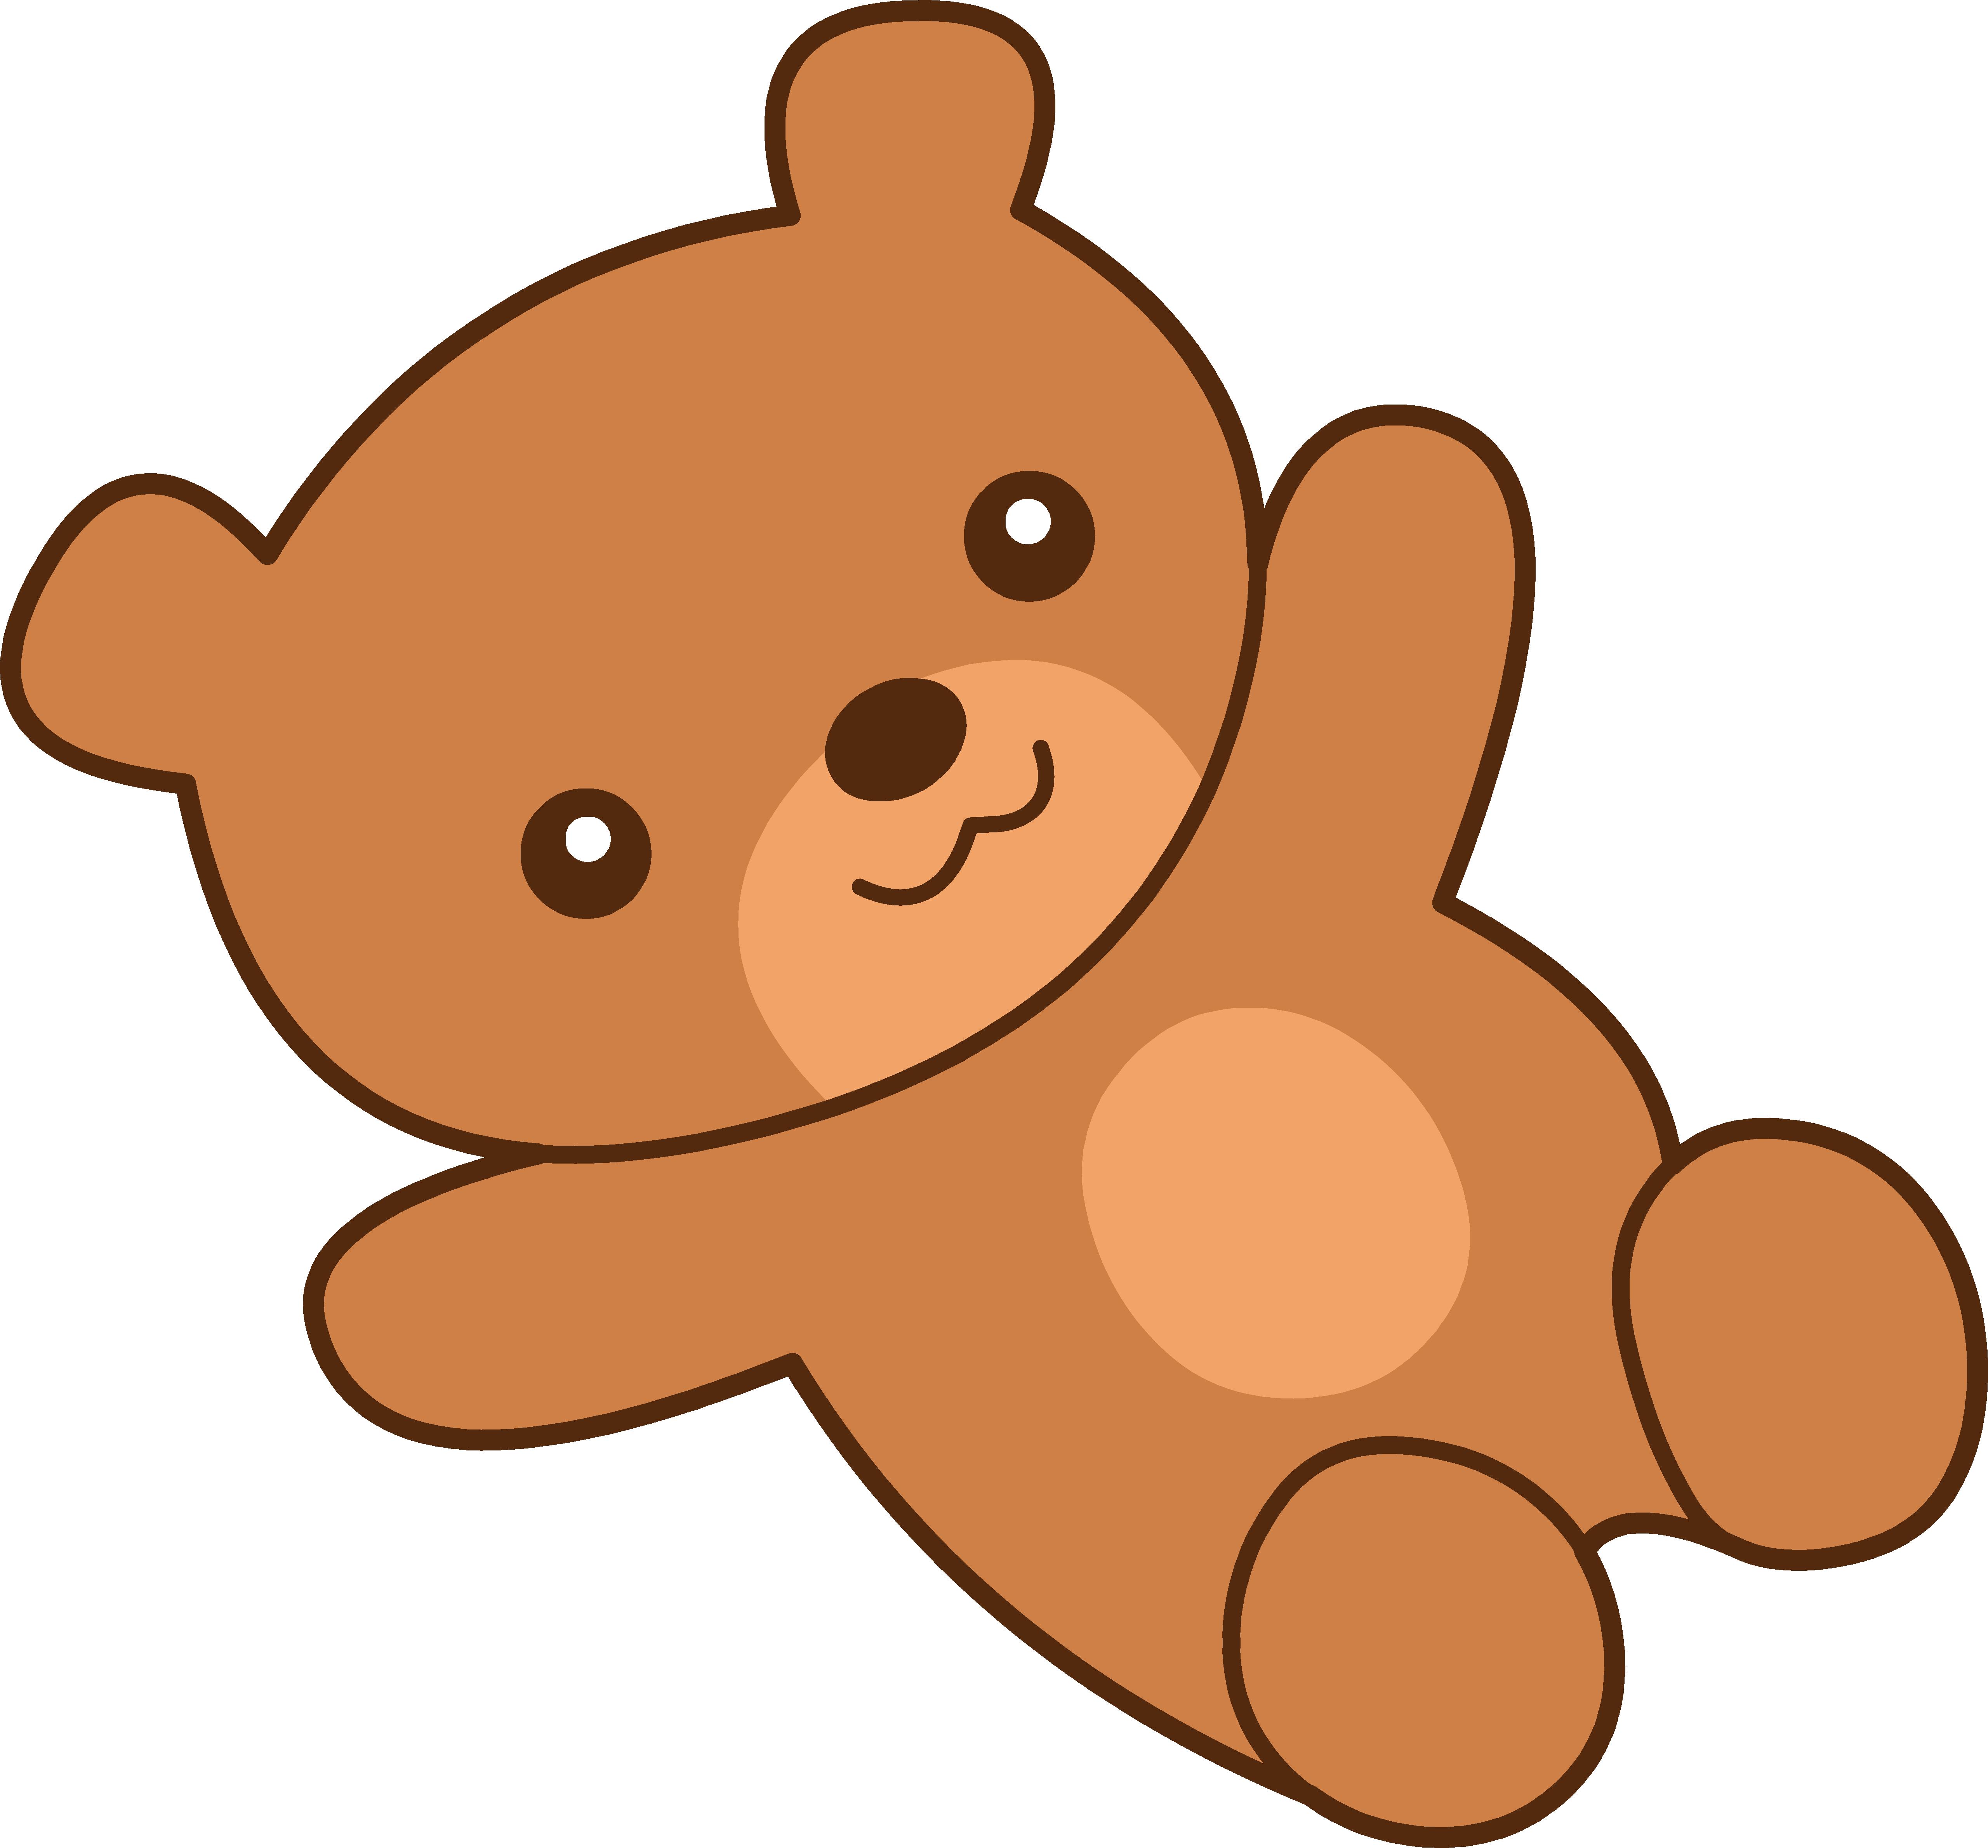 Bear Clip Art - Teddy Bears Clipart